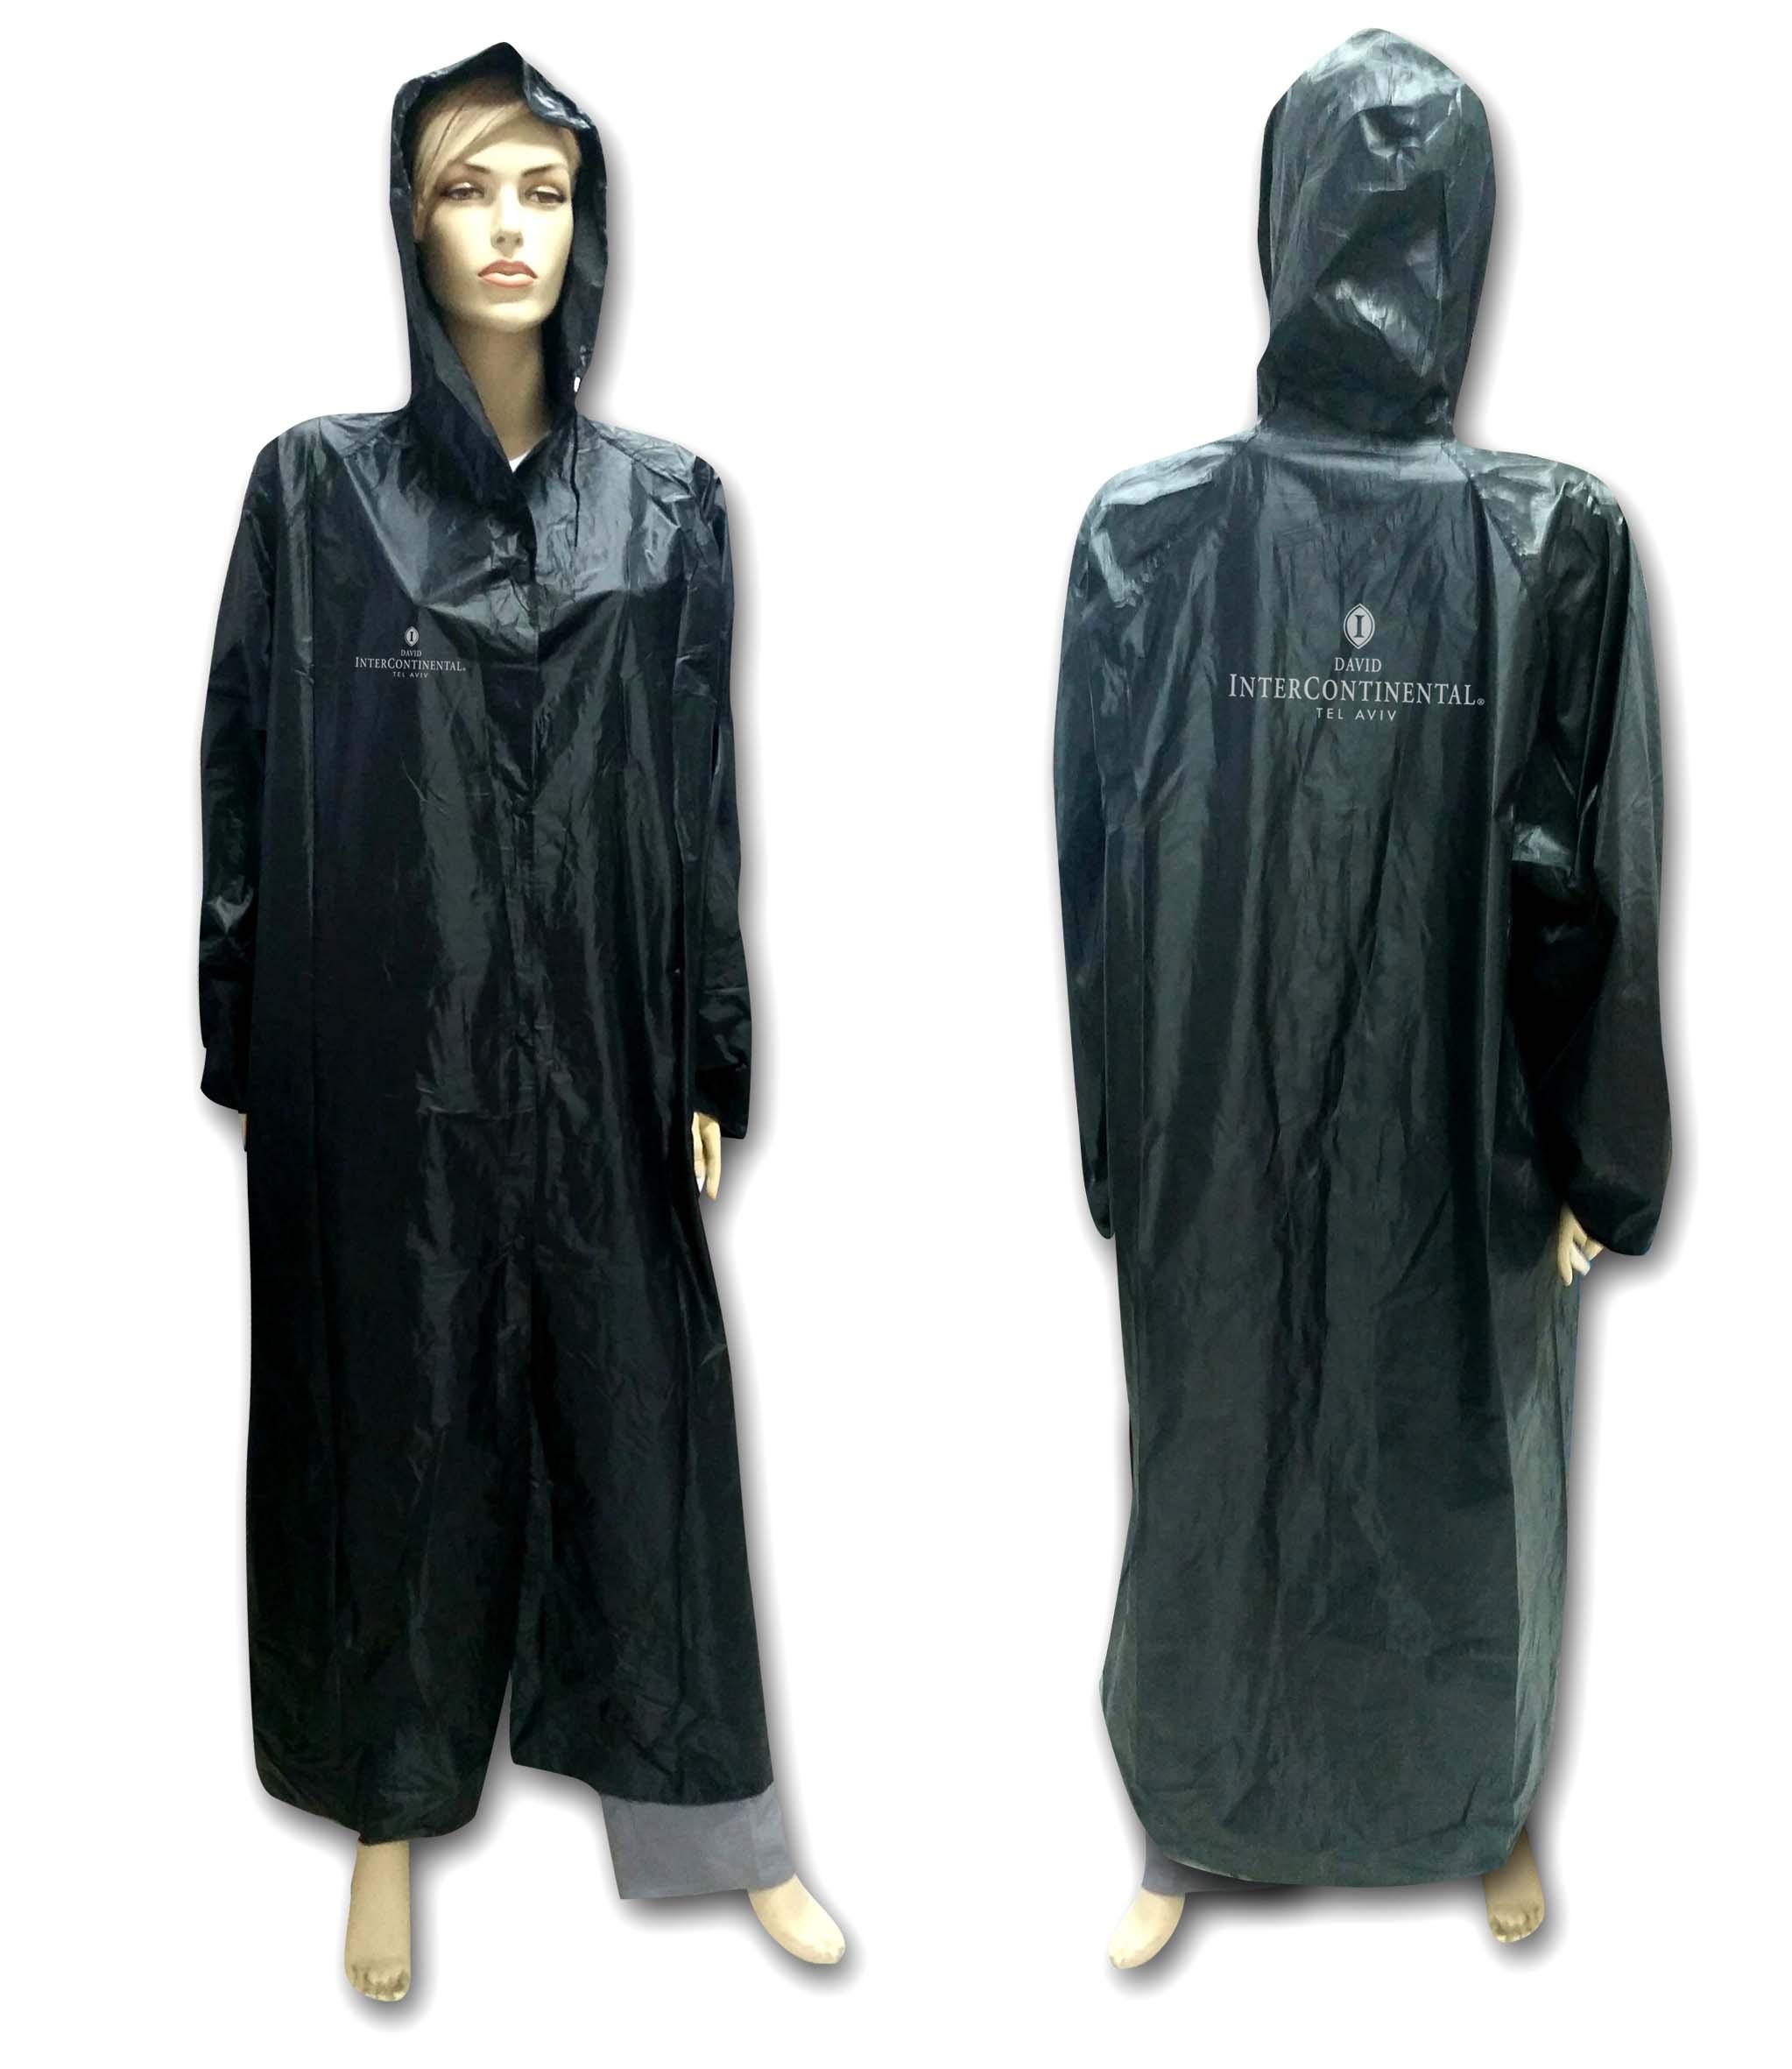 מעיל גשם ארוך | מעיל גשם לגברים